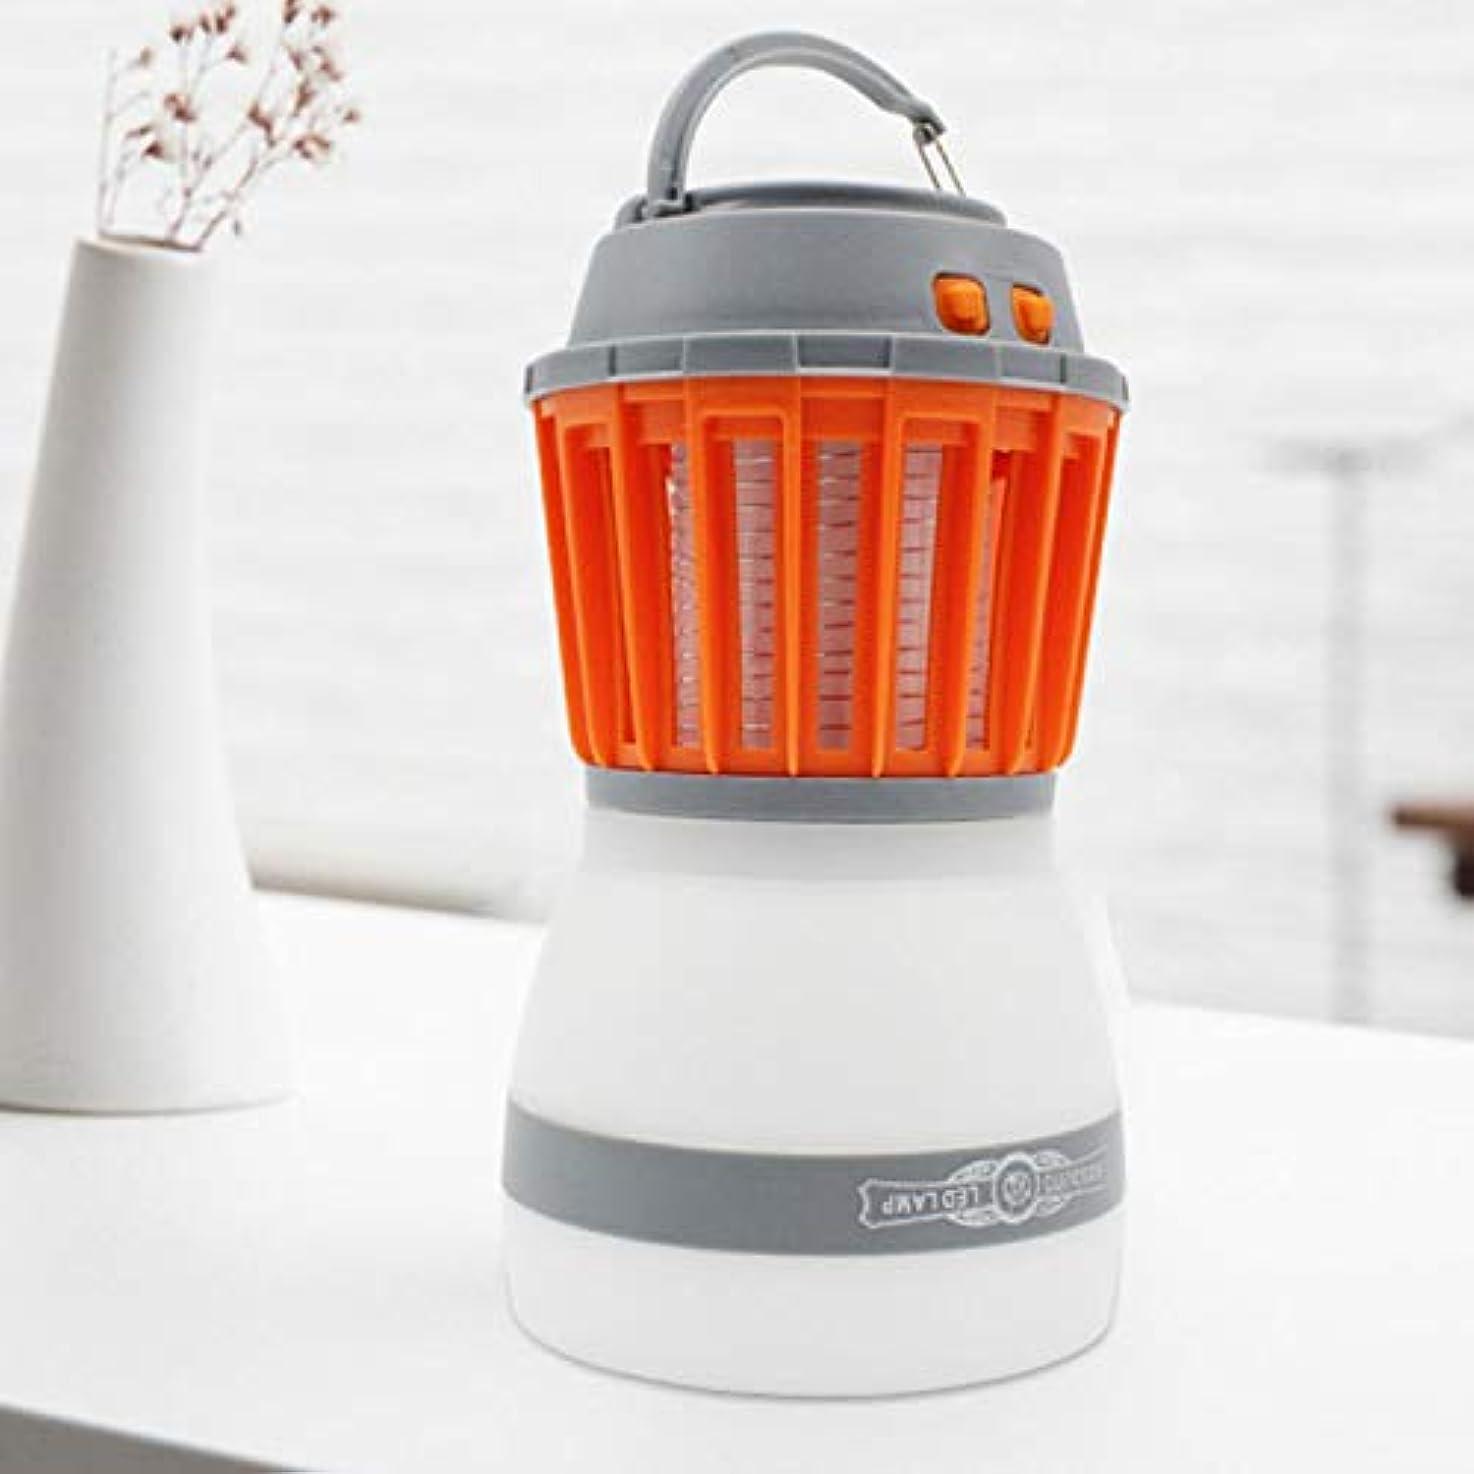 撤退フォアマン曇った蚊ランプ、家の屋内放射線のないUSB充電蚊忌避アーティファクト防水屋外キャンプ蚊忌避ランプ